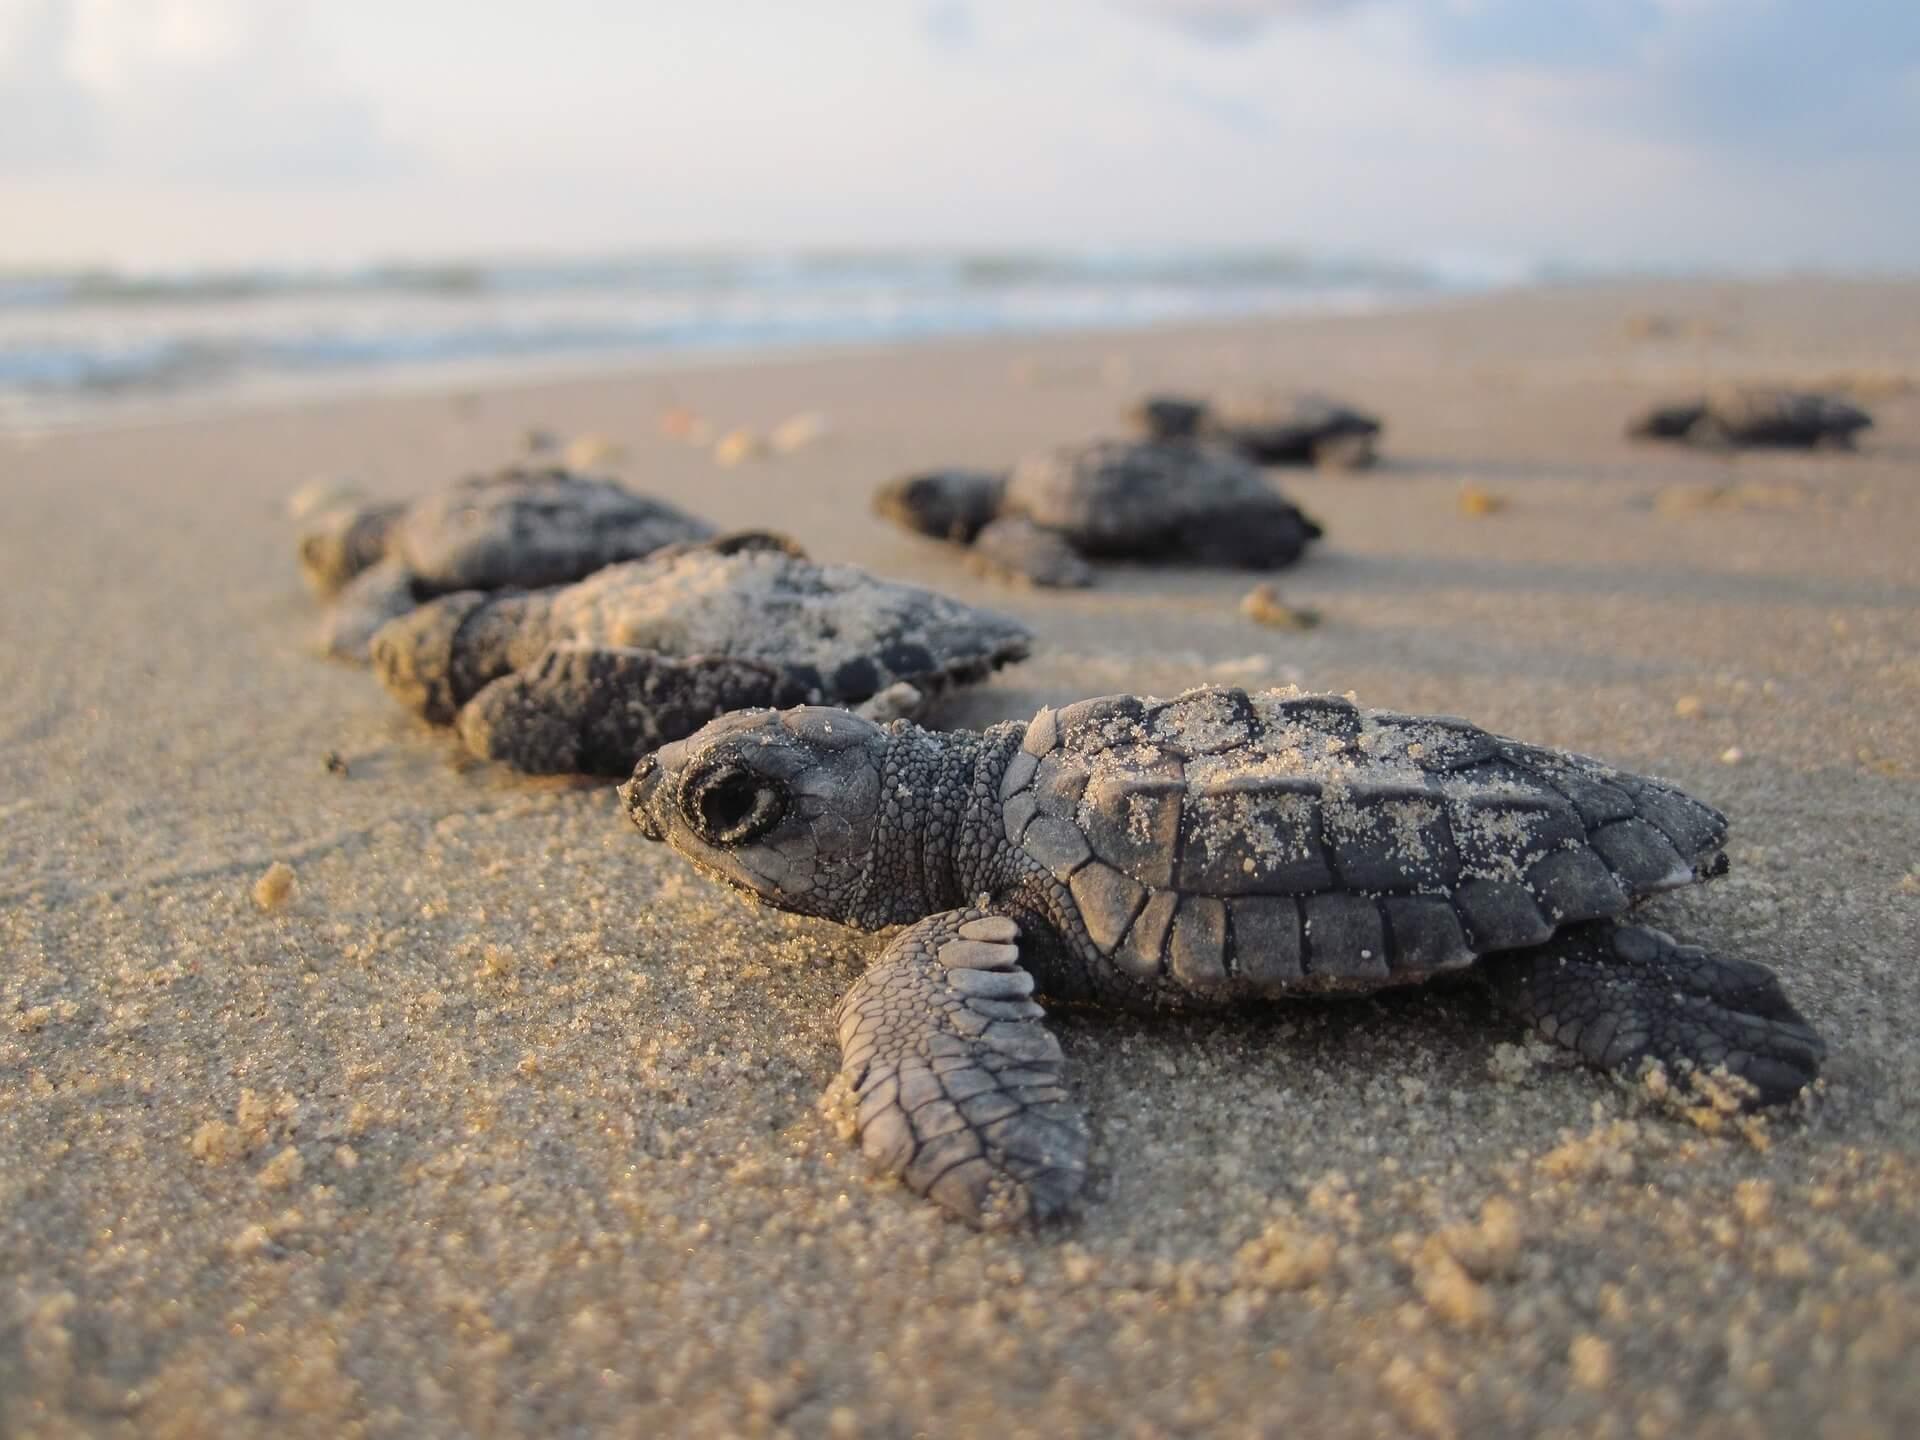 Crías de tortugas marinas se encaminan hacia el mar